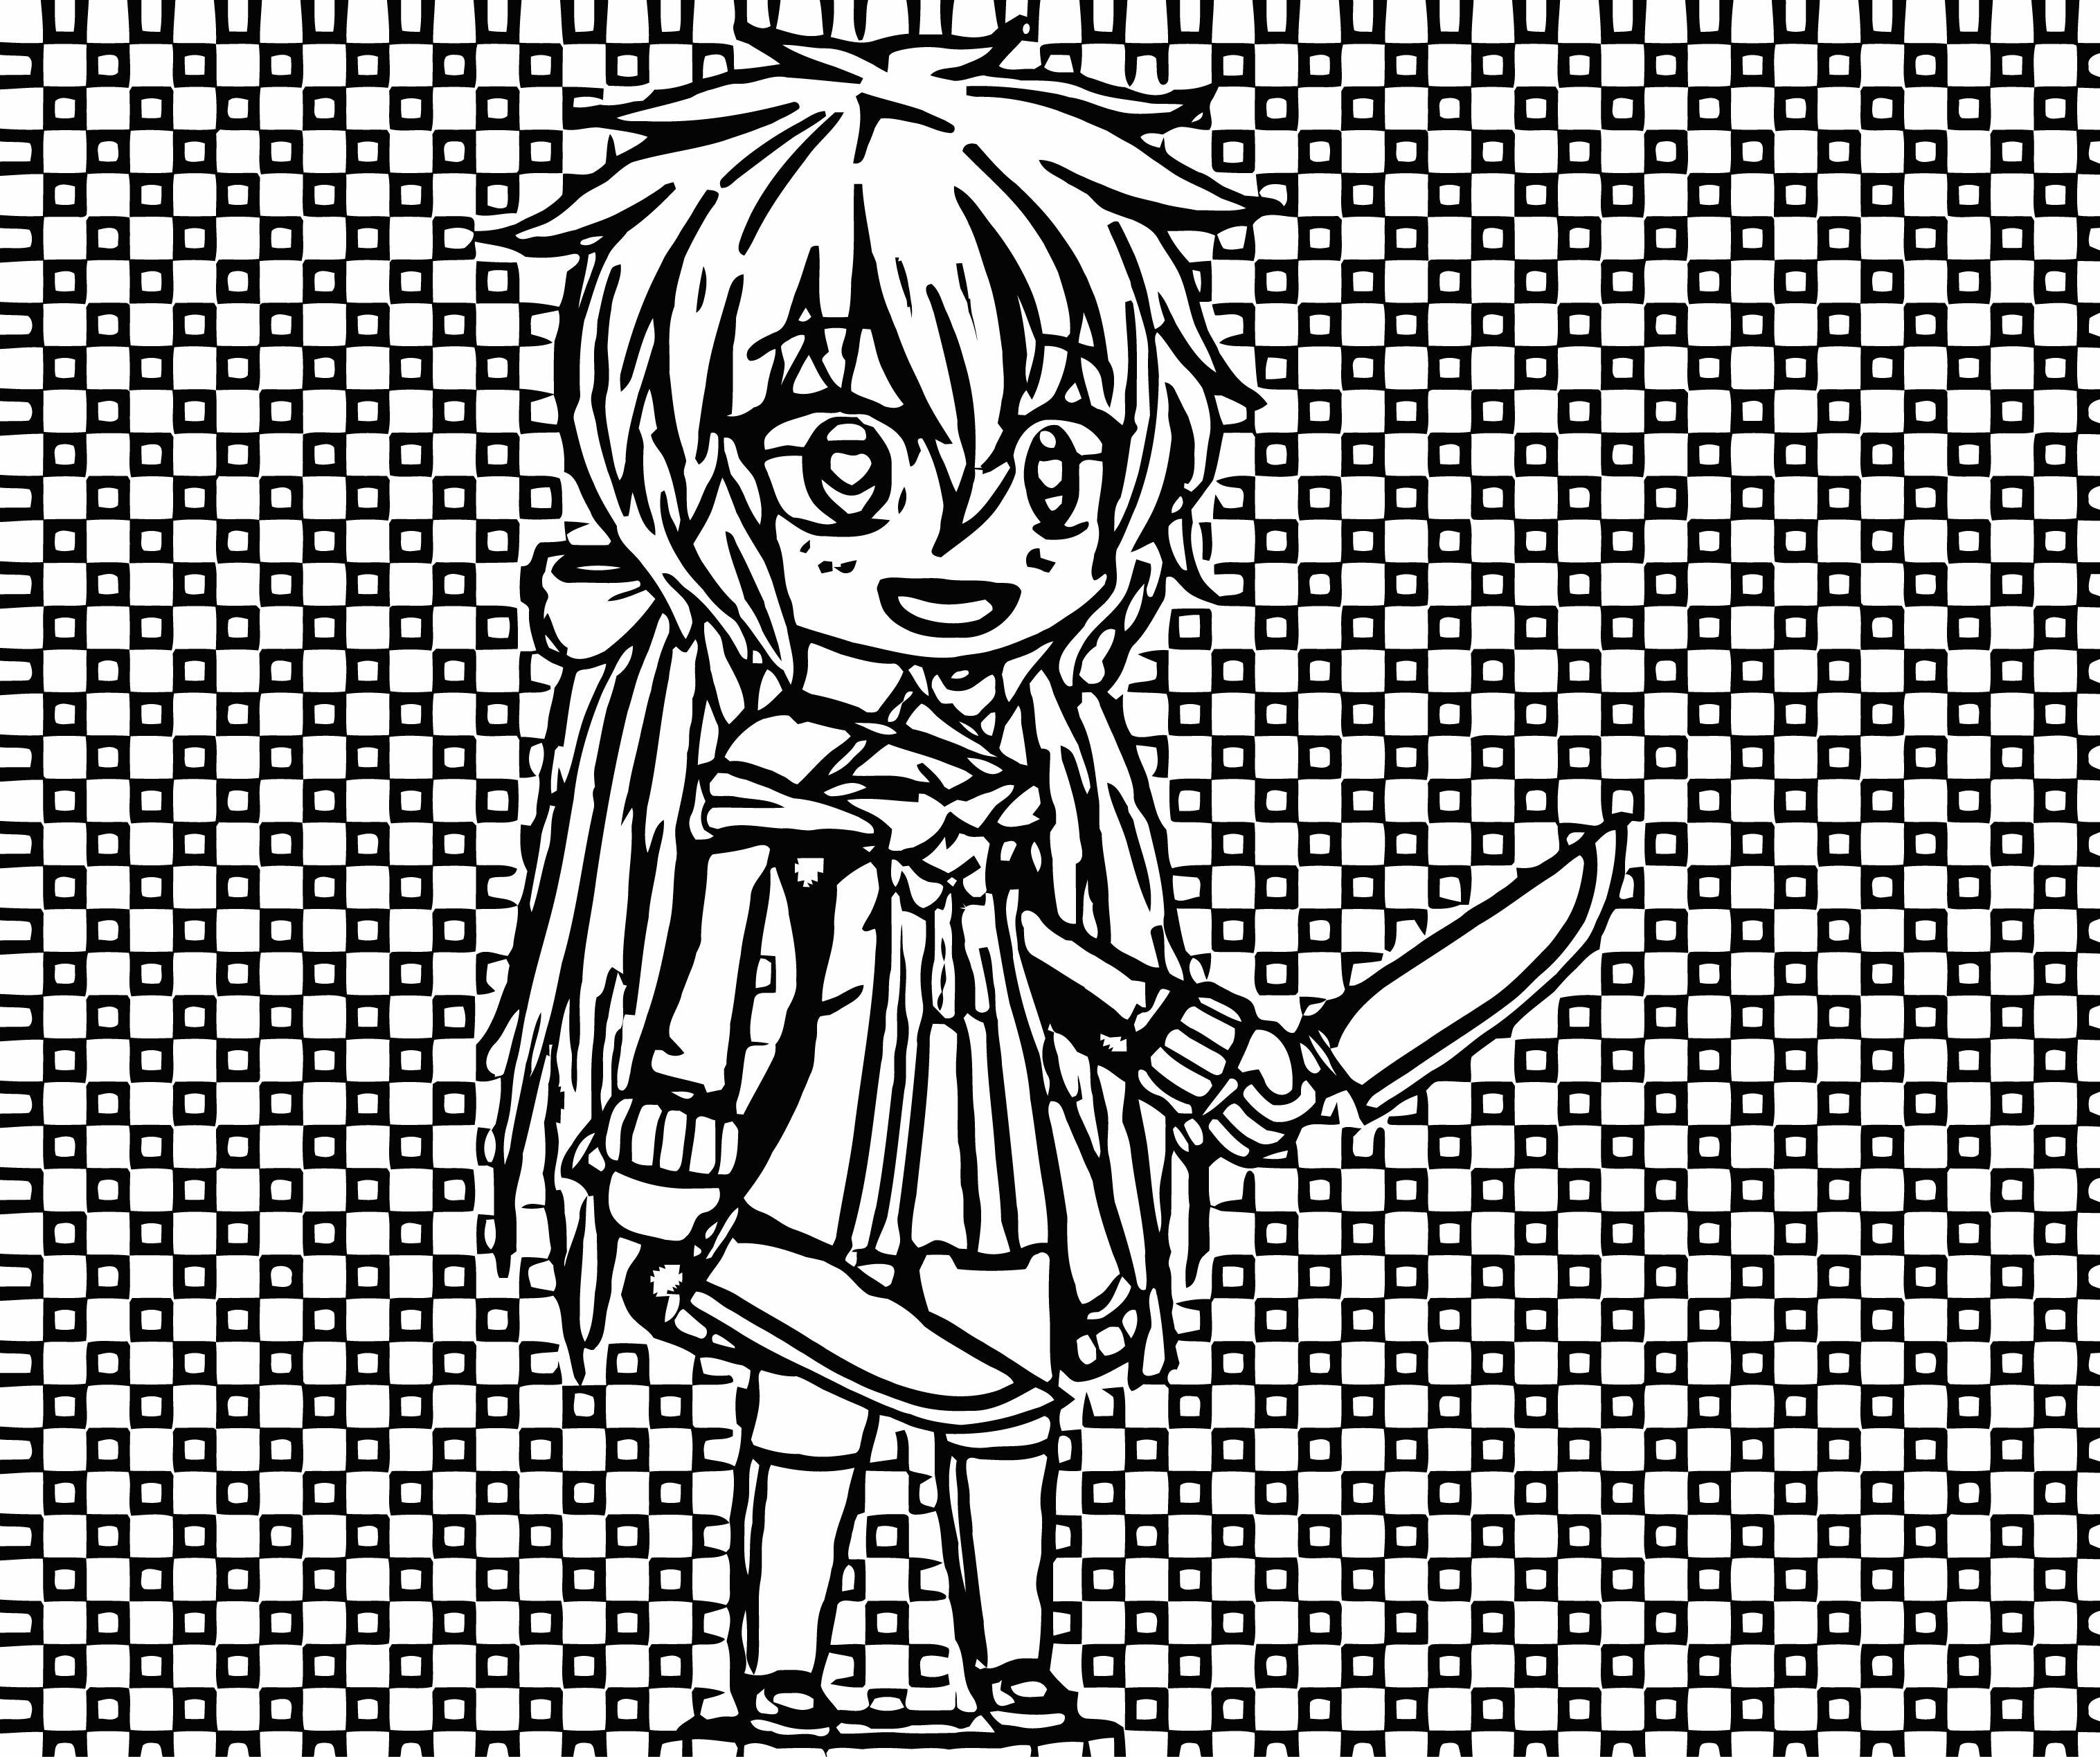 Chibi Gacha Studio Anime Dress Up Image Drawing Chibi Coloring Page